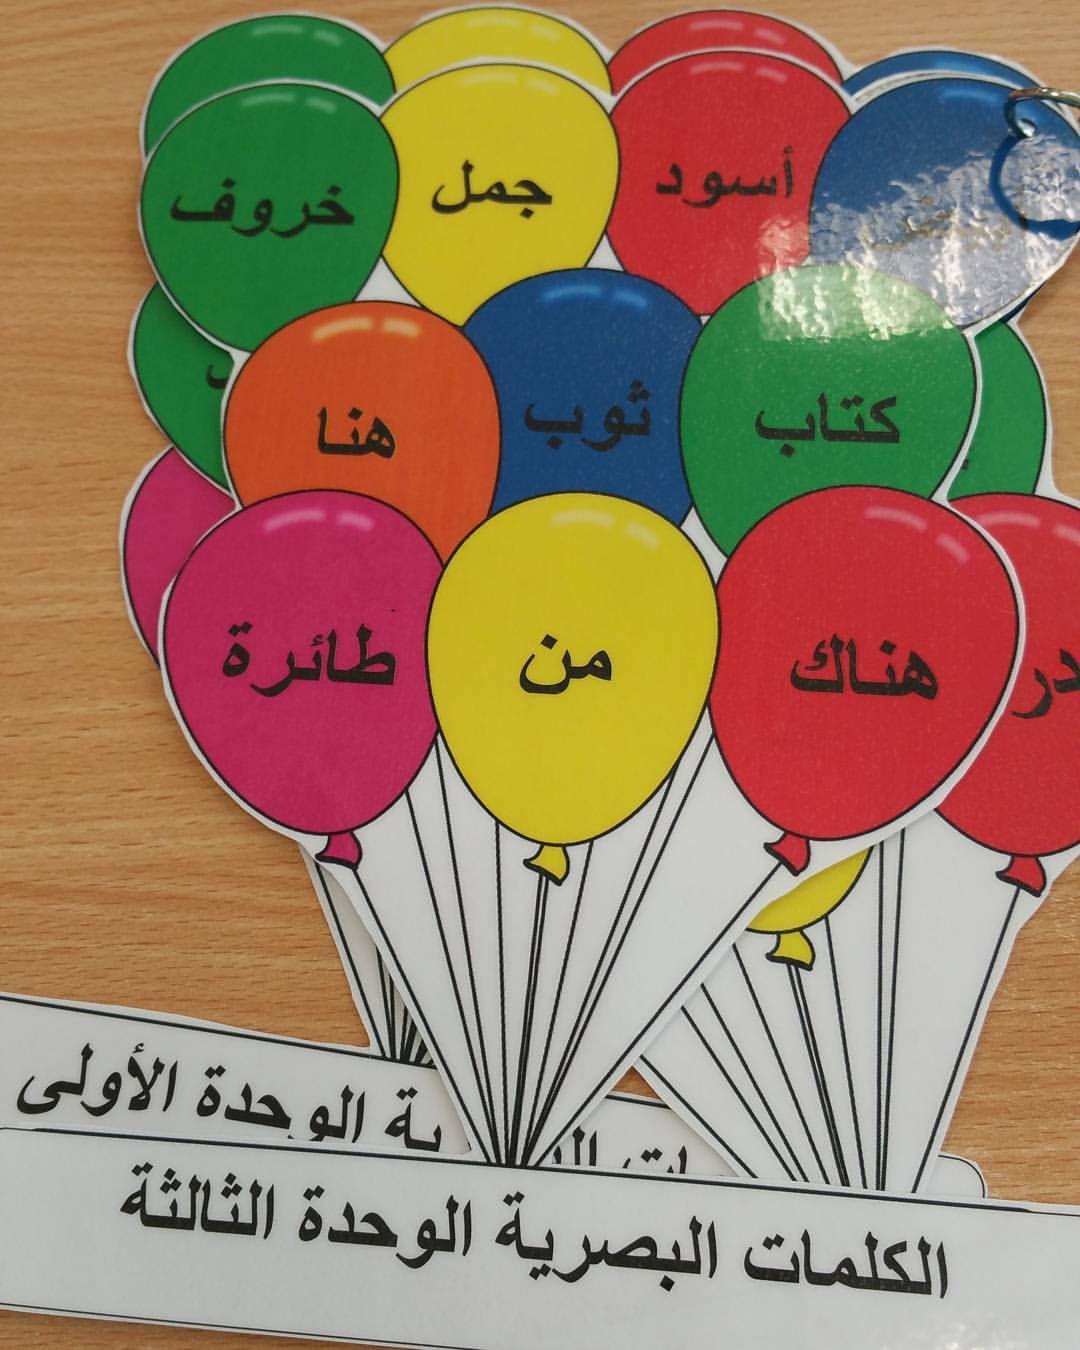 جميلة الشمري On Instagram الكلمات البصرية يعطى الطالب في كل وحدة مجموعة من Alphabet For Kids Arabic Alphabet For Kids Learning Arabic